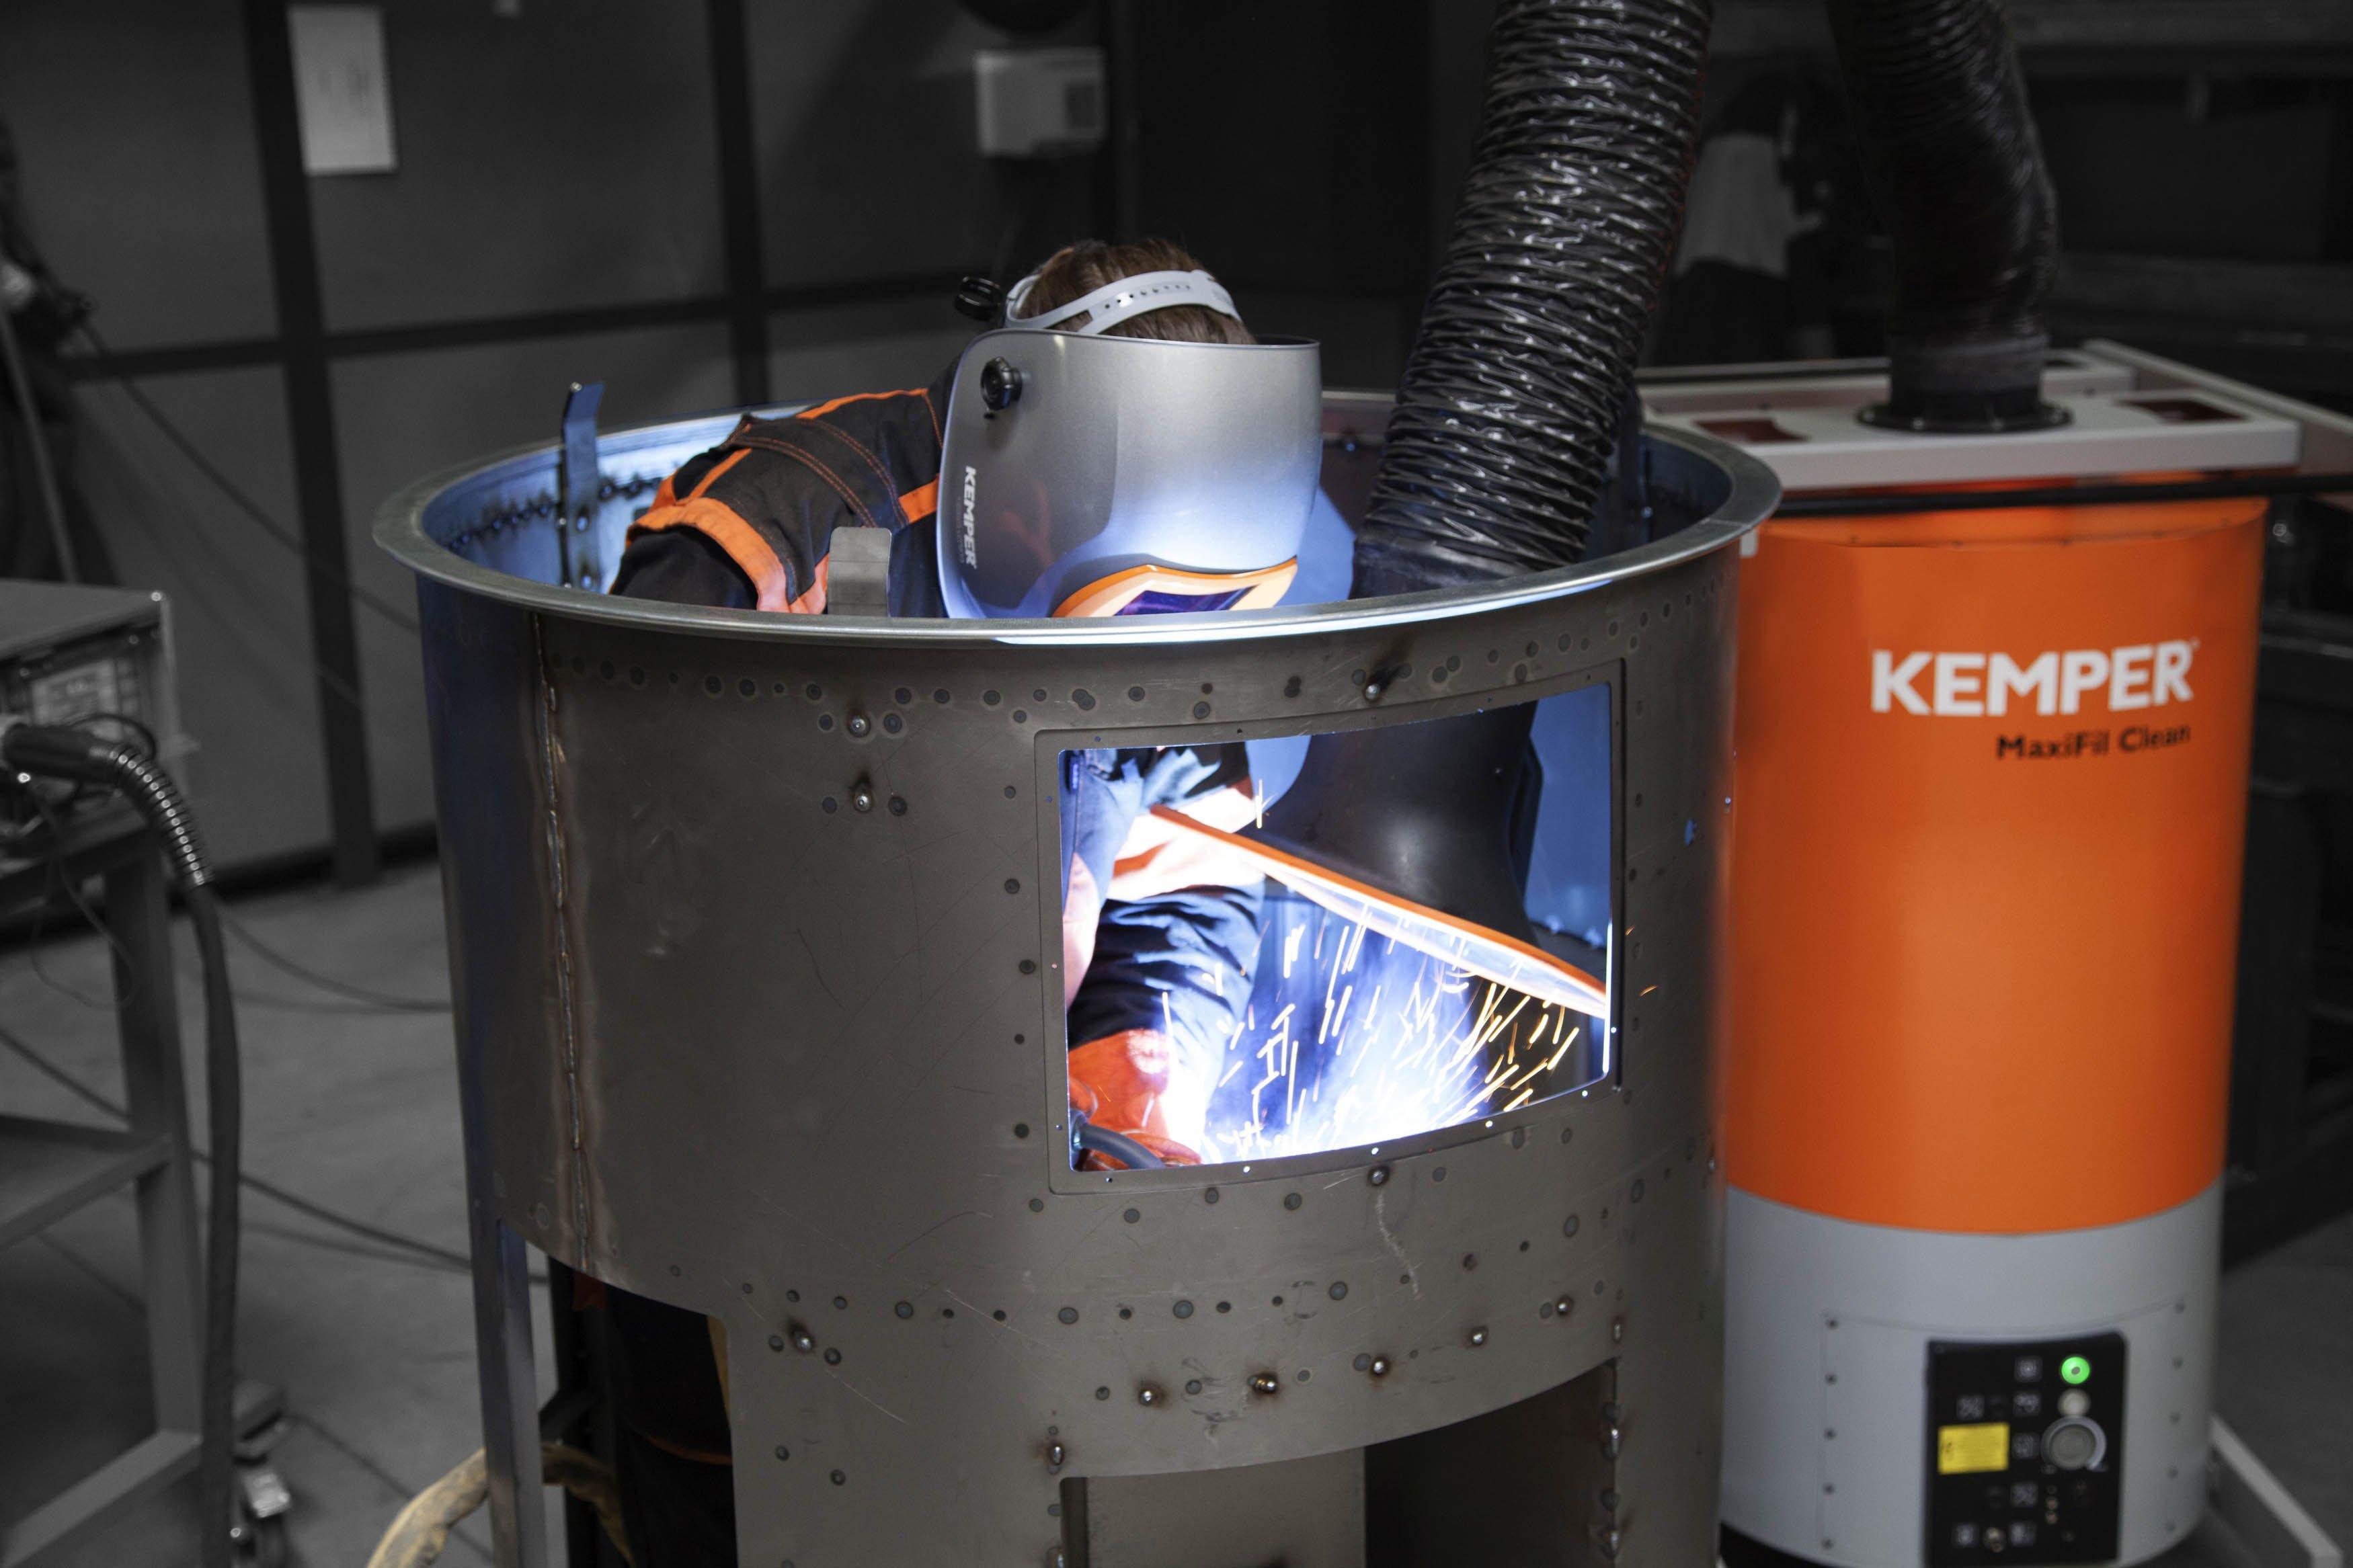 Foto: KEMPER GmbH